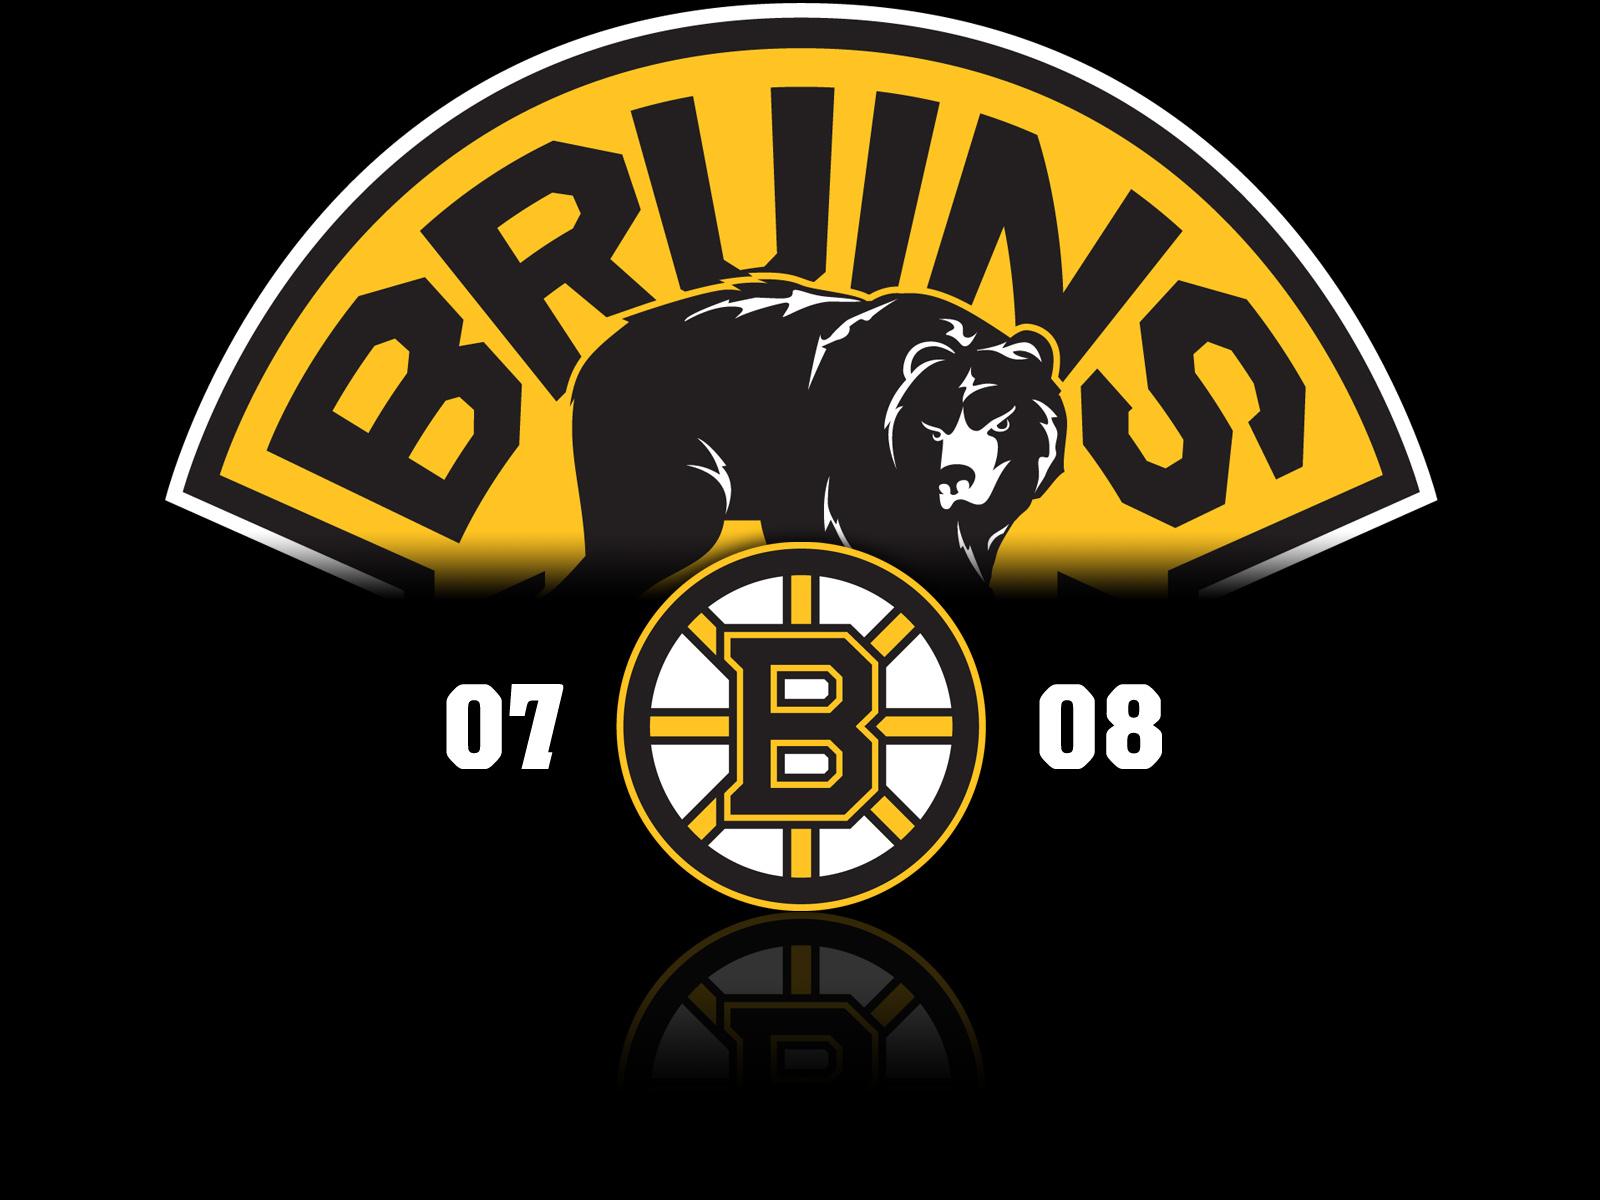 http://3.bp.blogspot.com/-67hX7D5QCHo/Tii_BYjSn3I/AAAAAAAACYk/iCHaOi8Ft5U/s1600/Boston%2BBruins_1600x1200.jpg